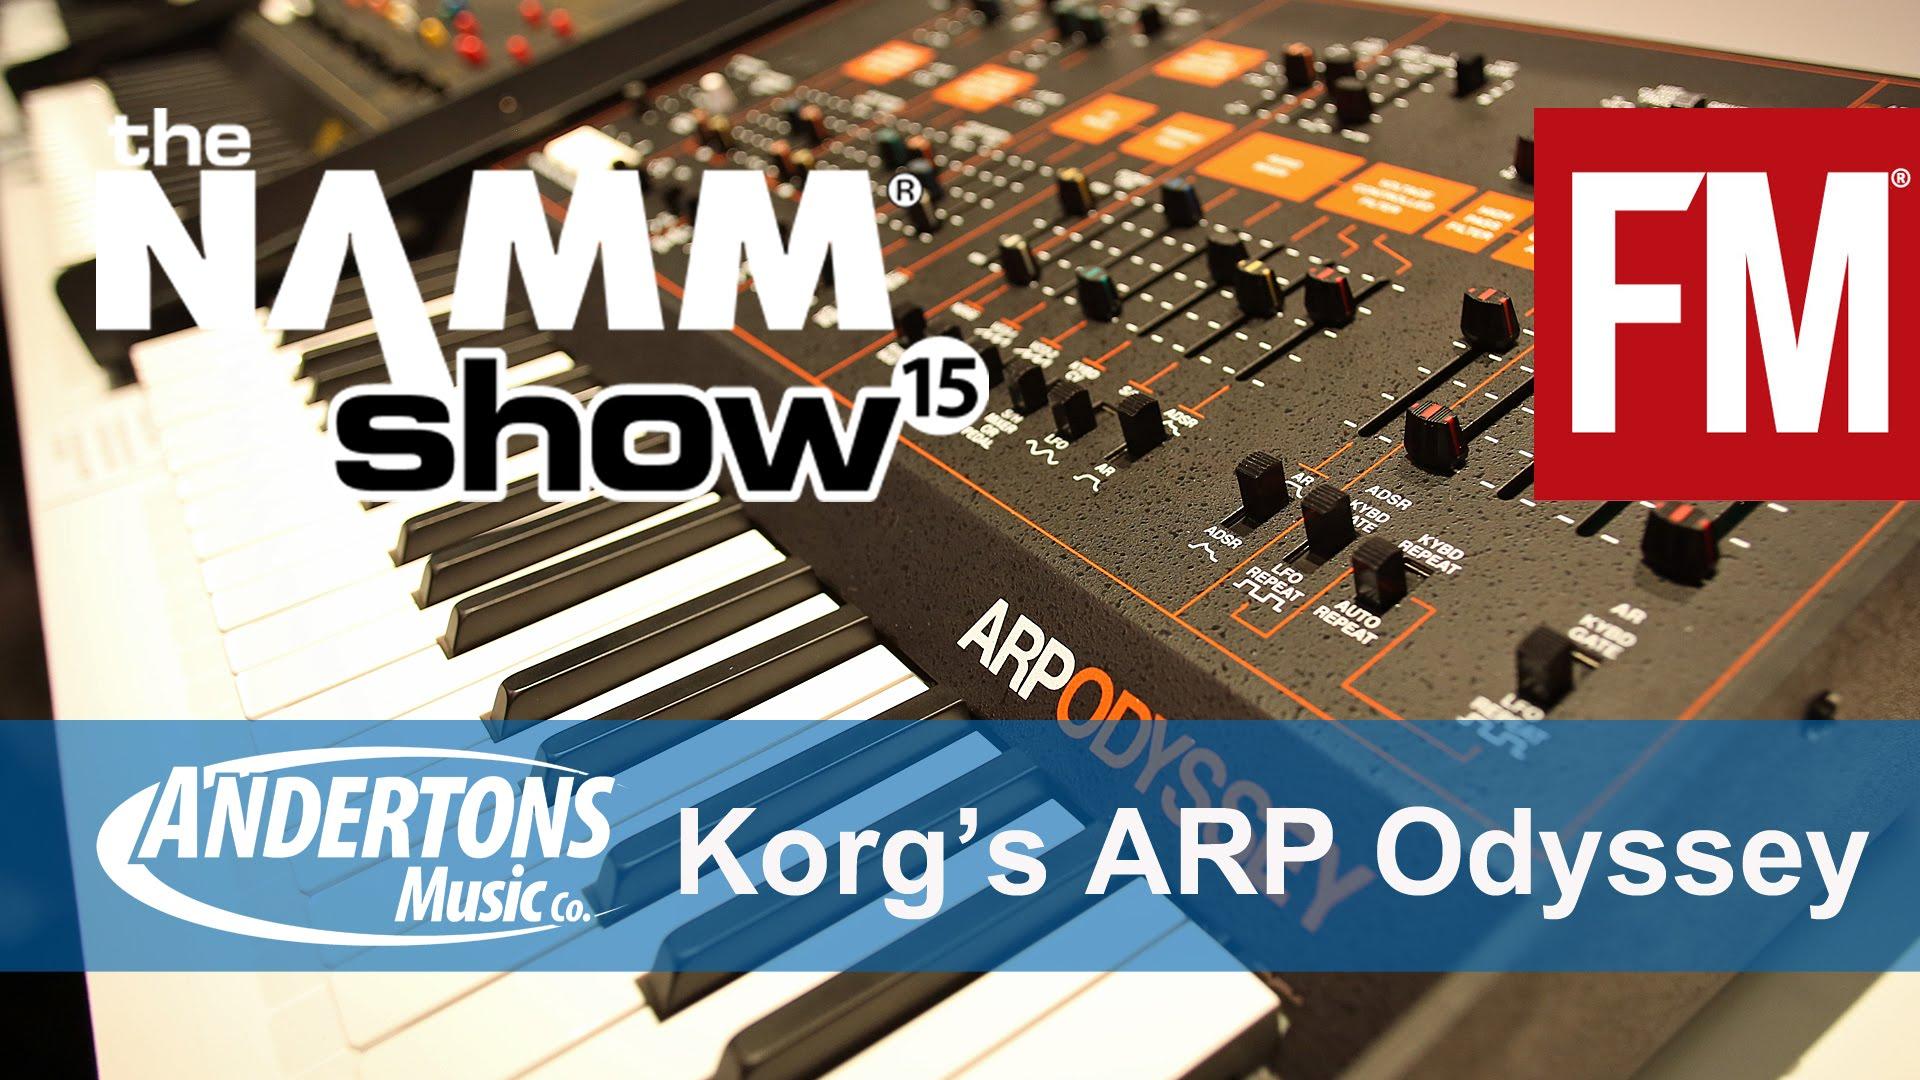 NAMM 2015 – Korg's ARP Odyssey – YouTube